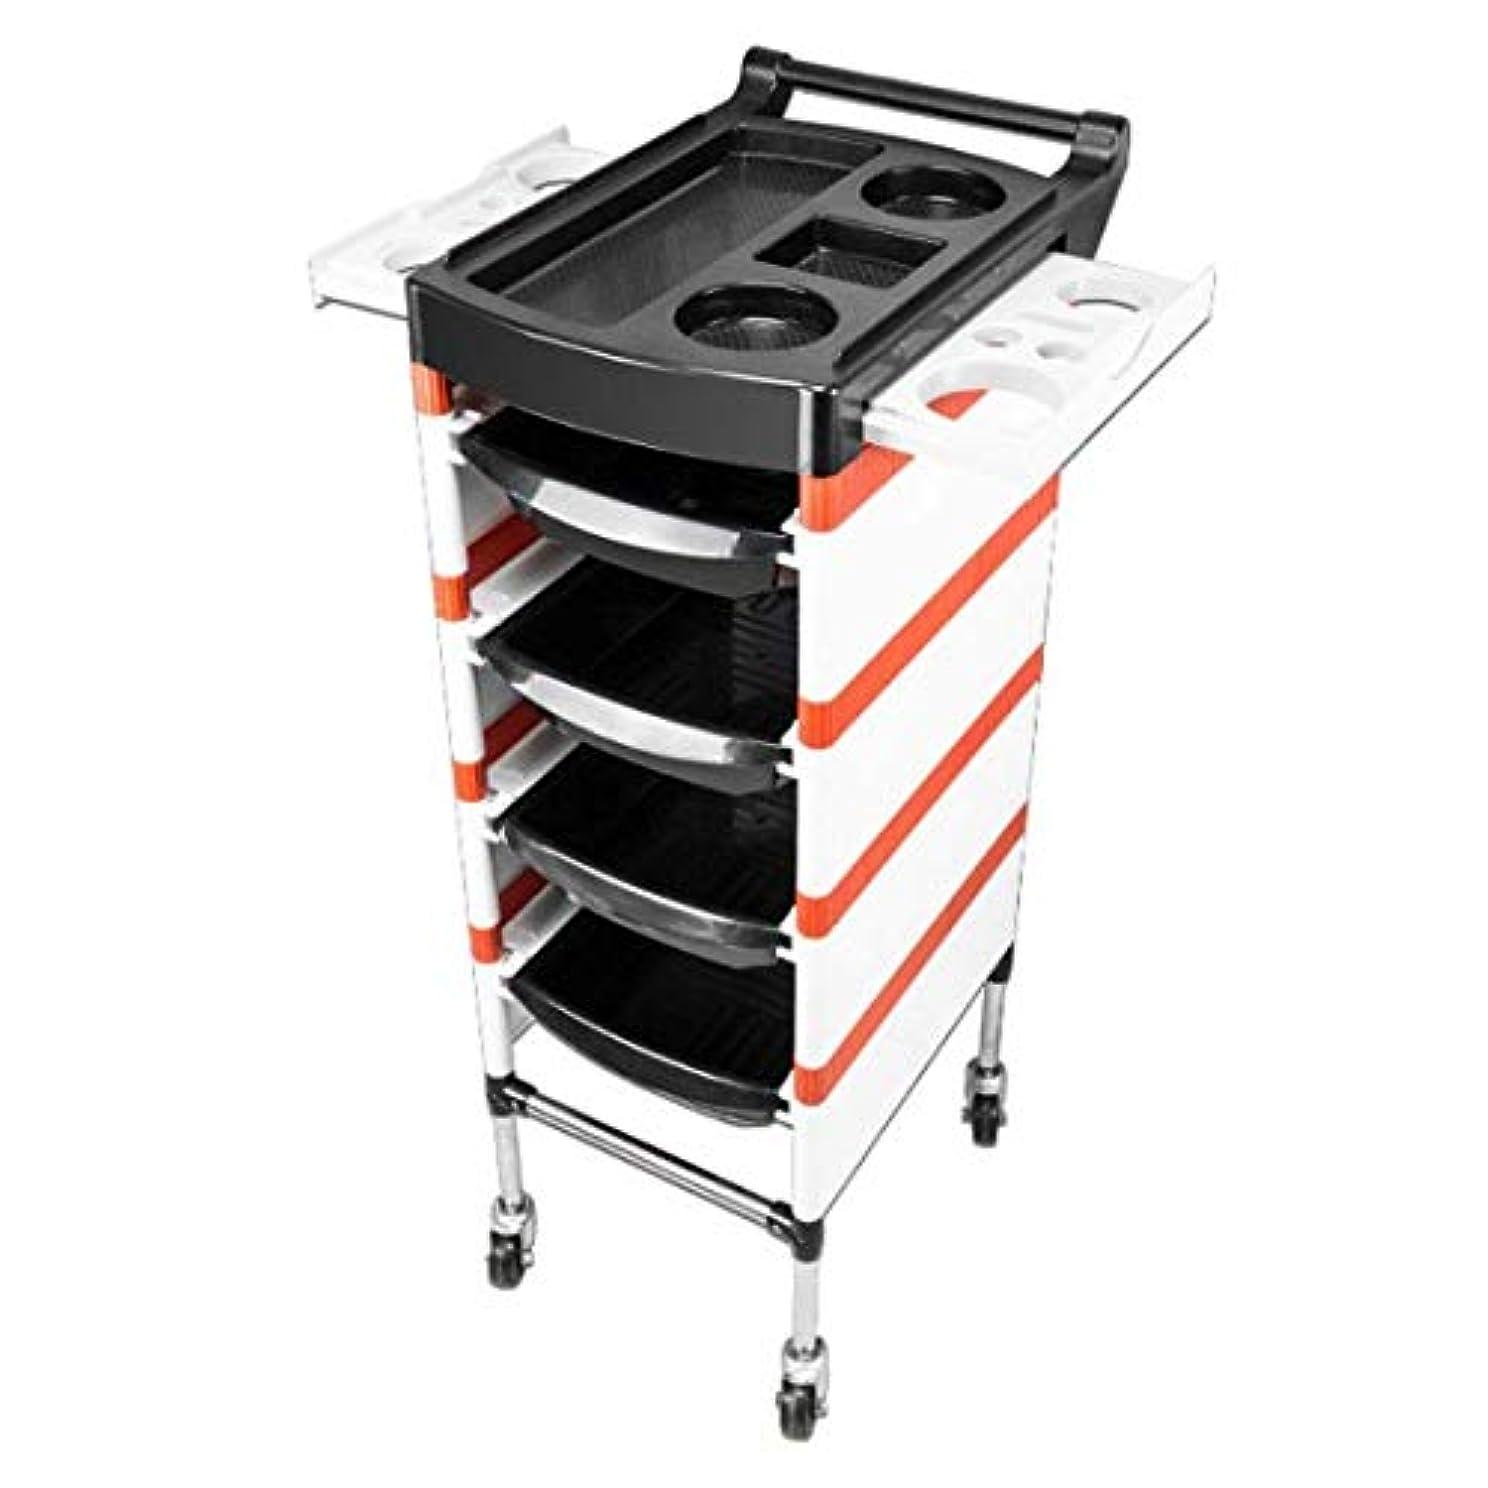 バッジガウン未満HIZLJJ 4つの引出しのヘアードライヤーサービス皿用具の貯蔵のカートが付いている大広間の鉱泉の美の理髪の圧延のトロリーカート (Color : Orange)